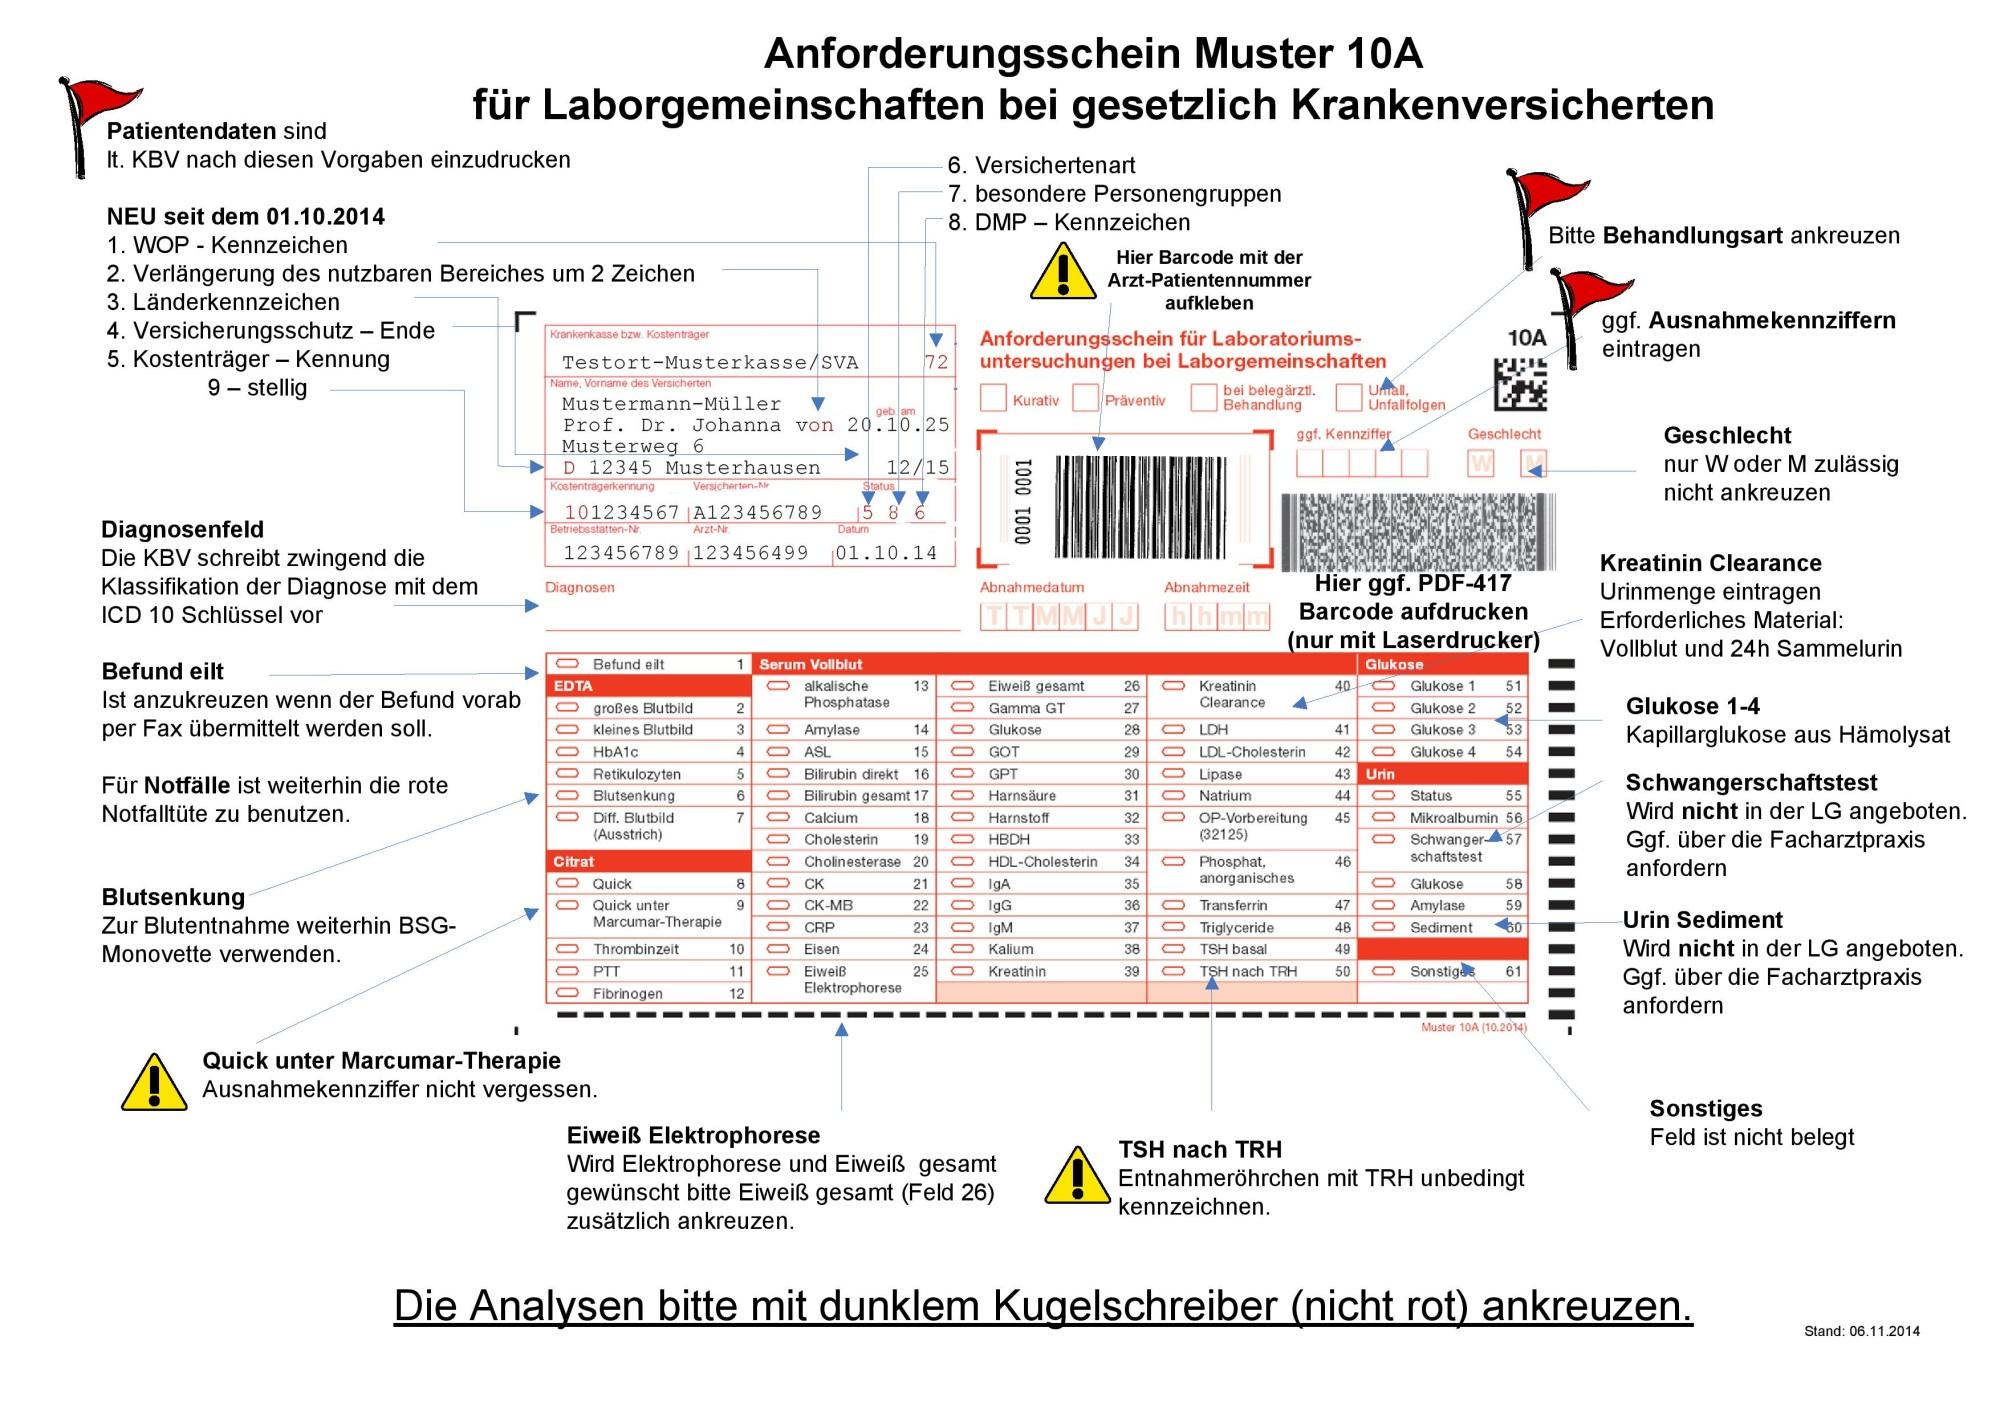 Ig Laboranforderung Hl7wiki 6